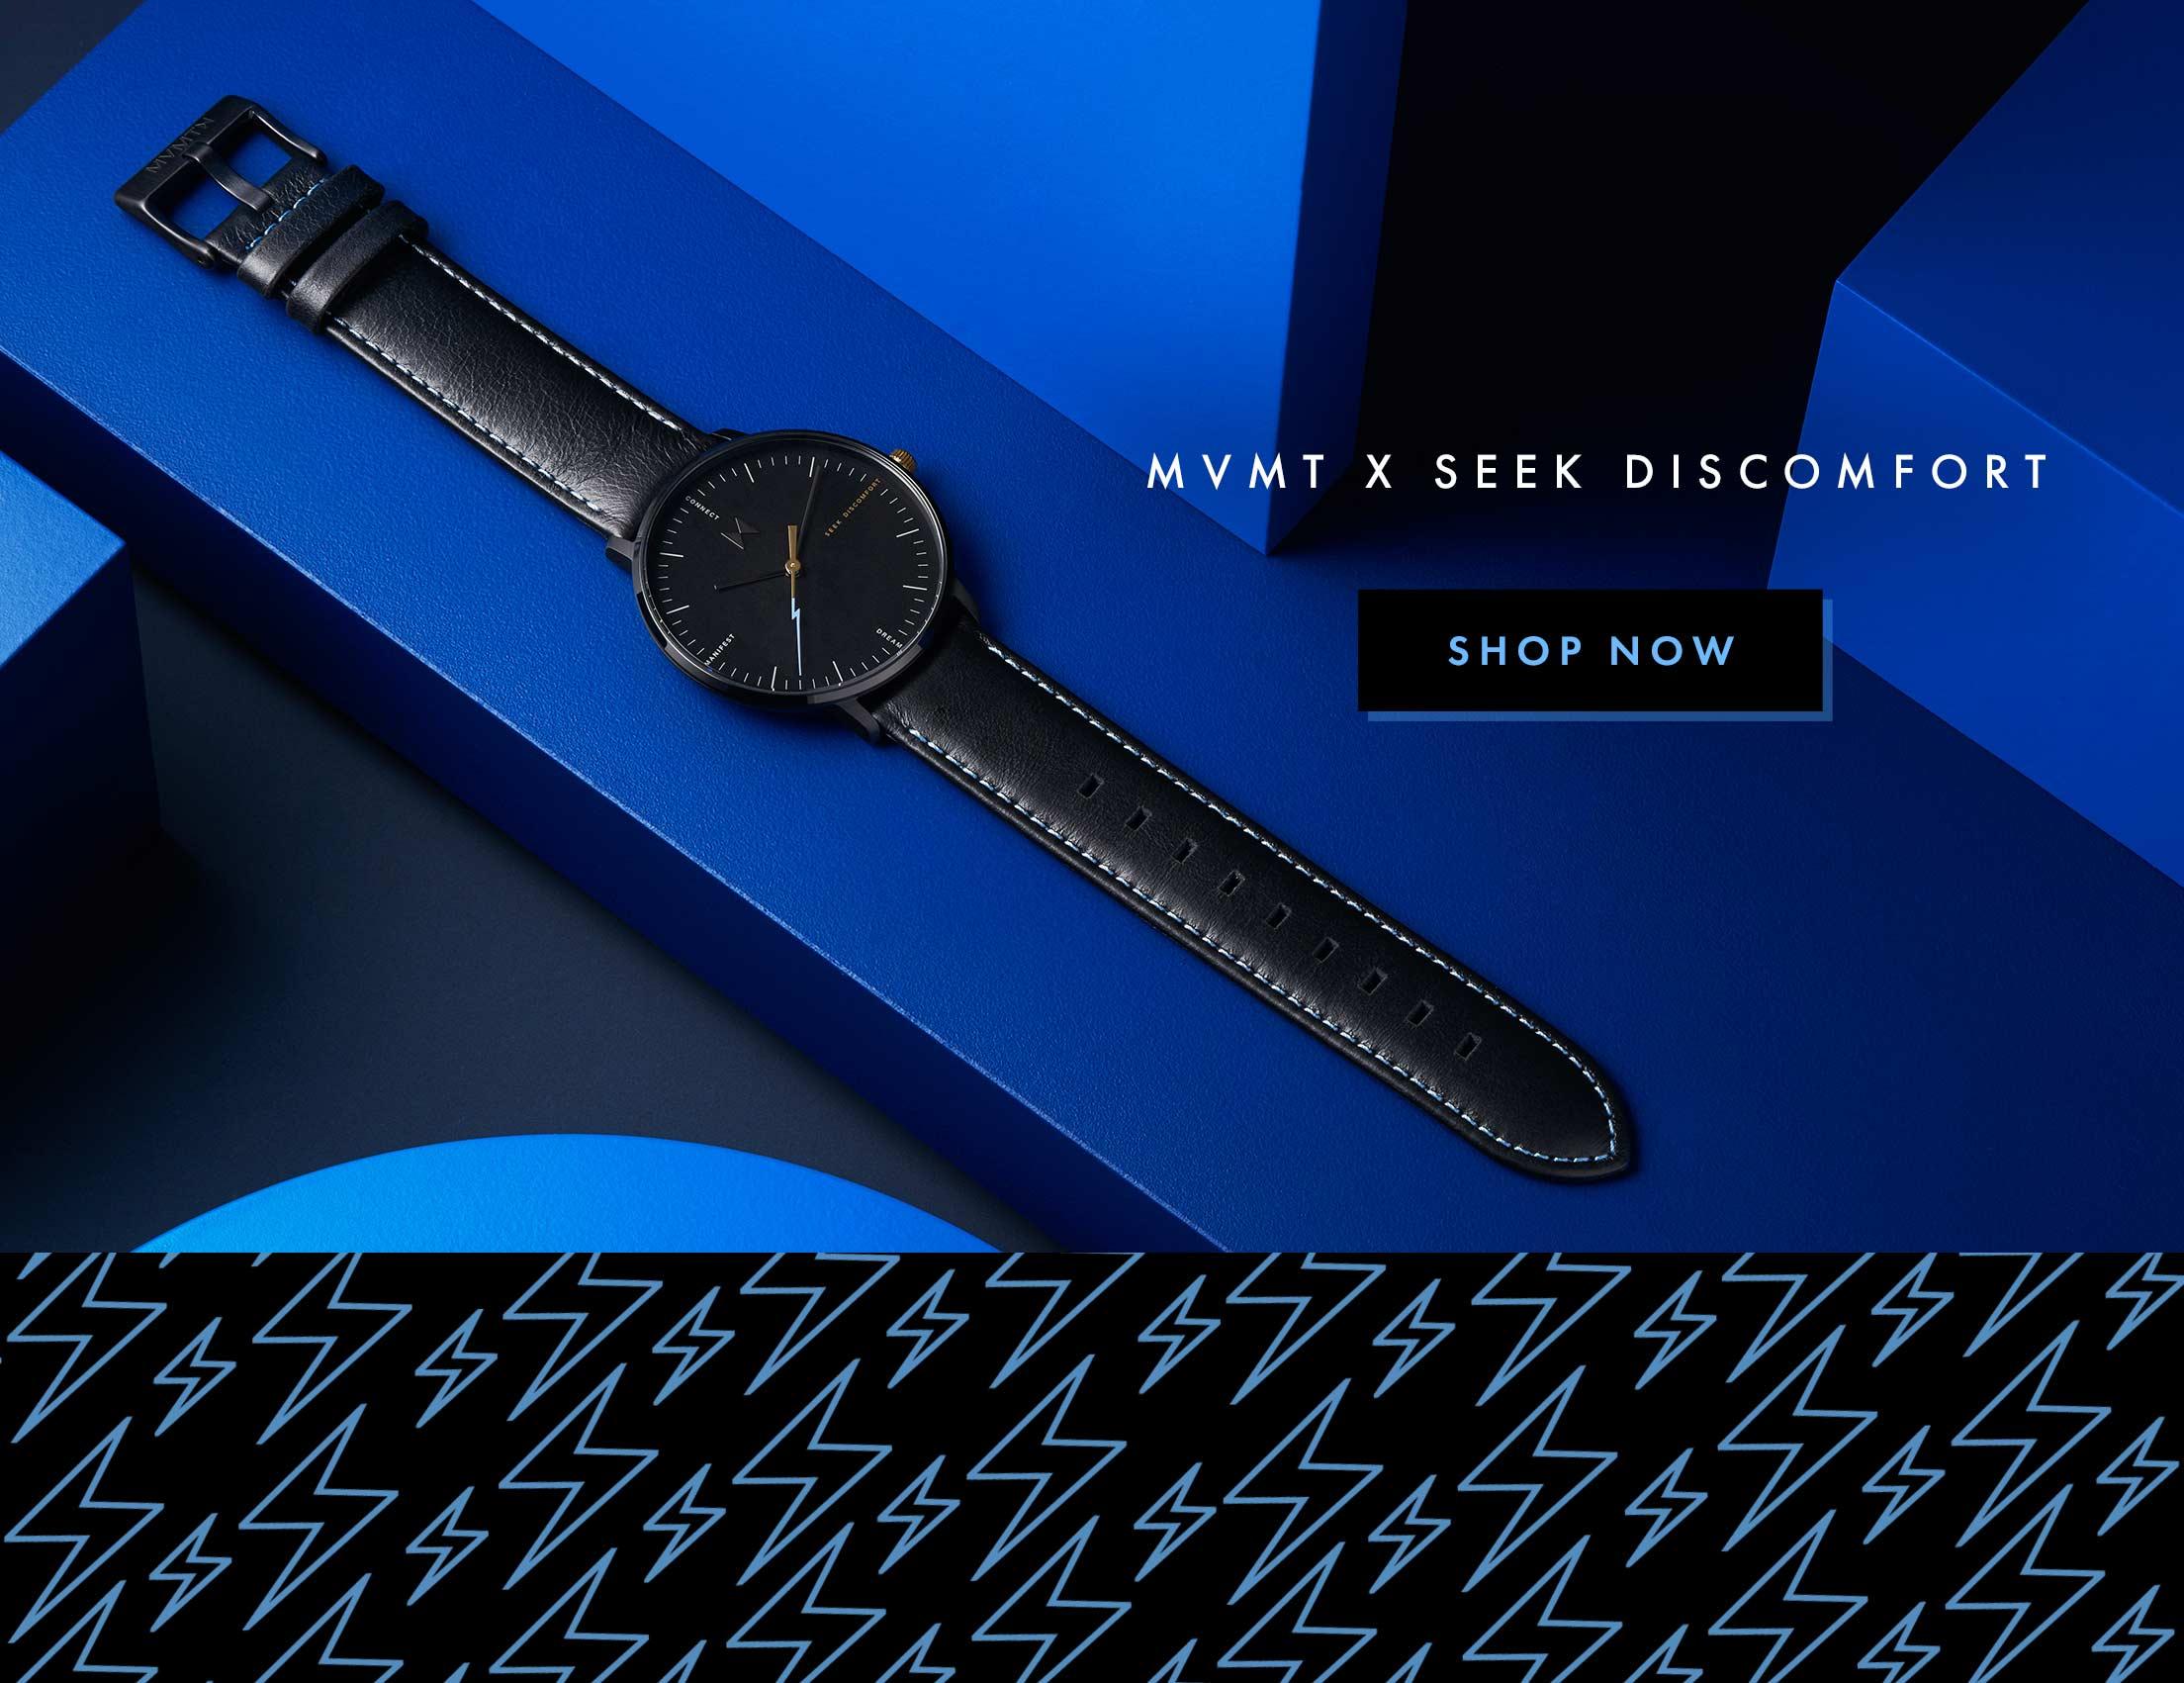 MVMT x Seek Discomfort: Shop Now